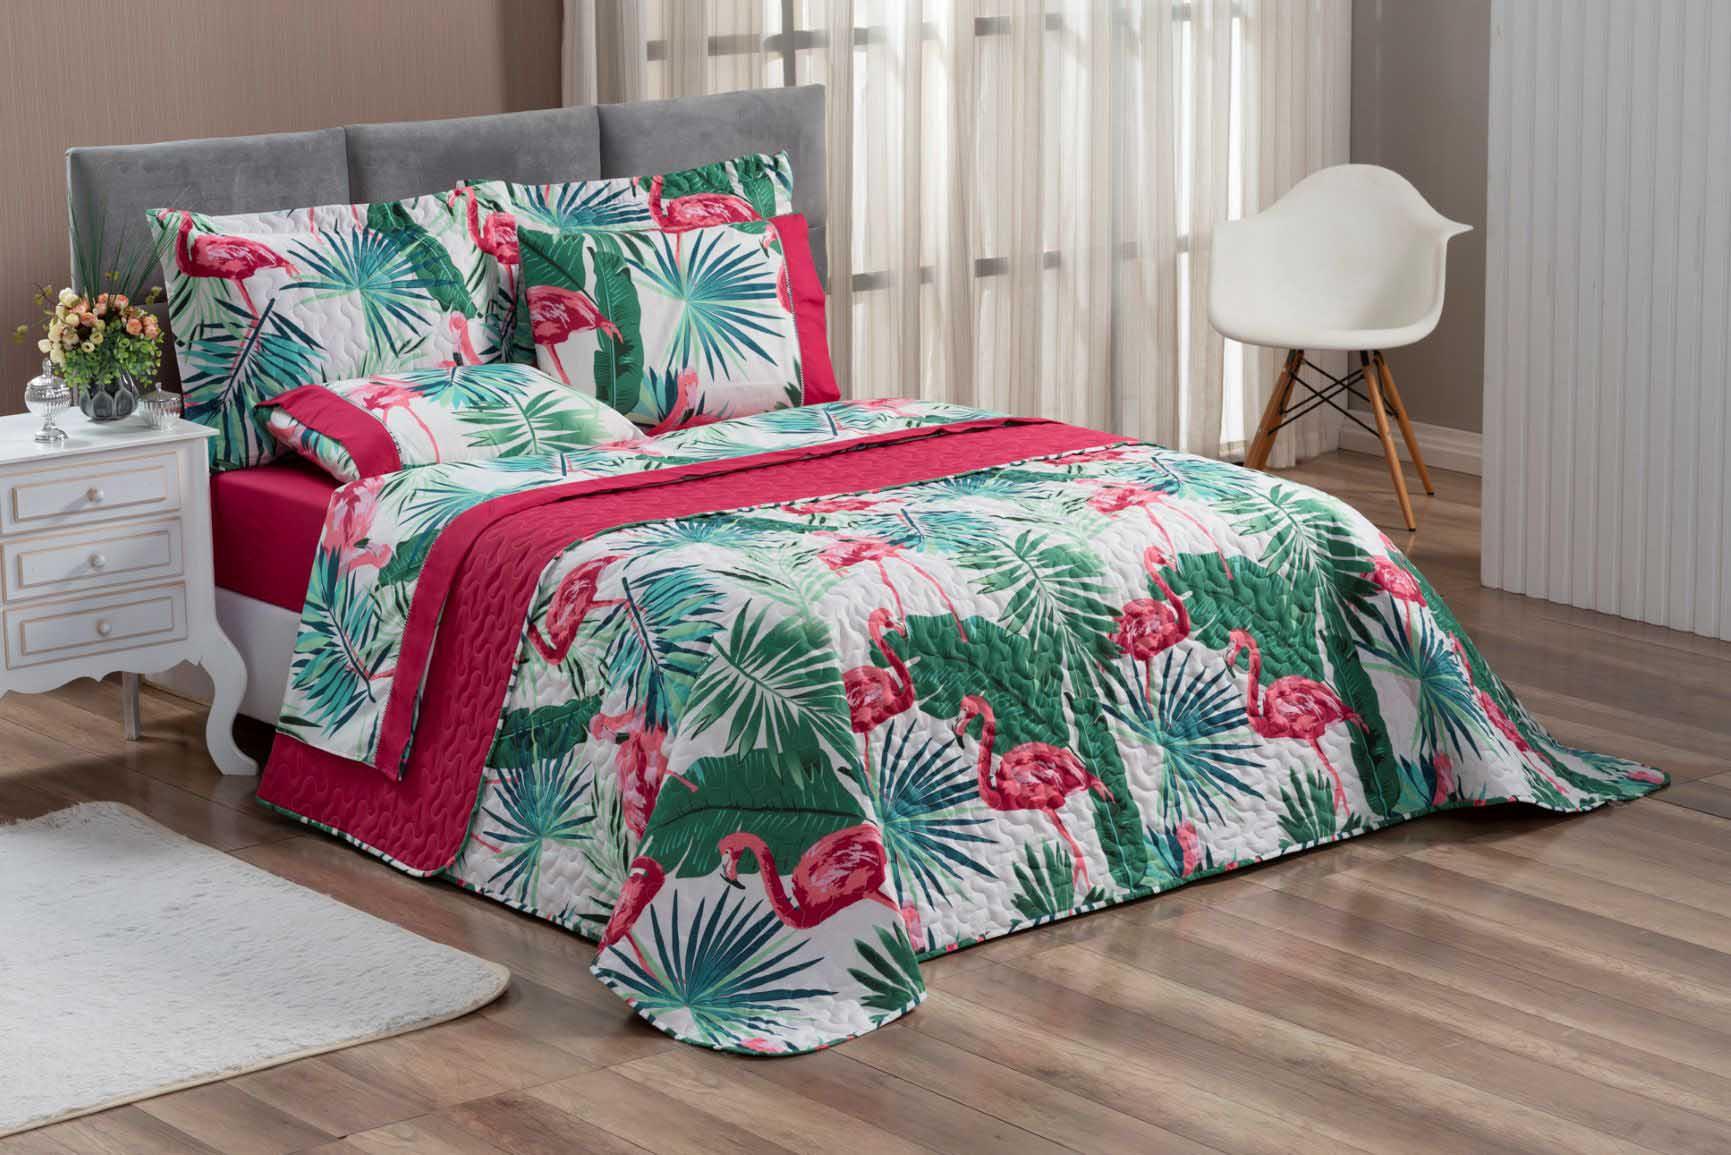 Kit Cobre Leito Colcha Casal 100% Costurada Dupla Face 3 Peças Naturale Flamingo Rosa